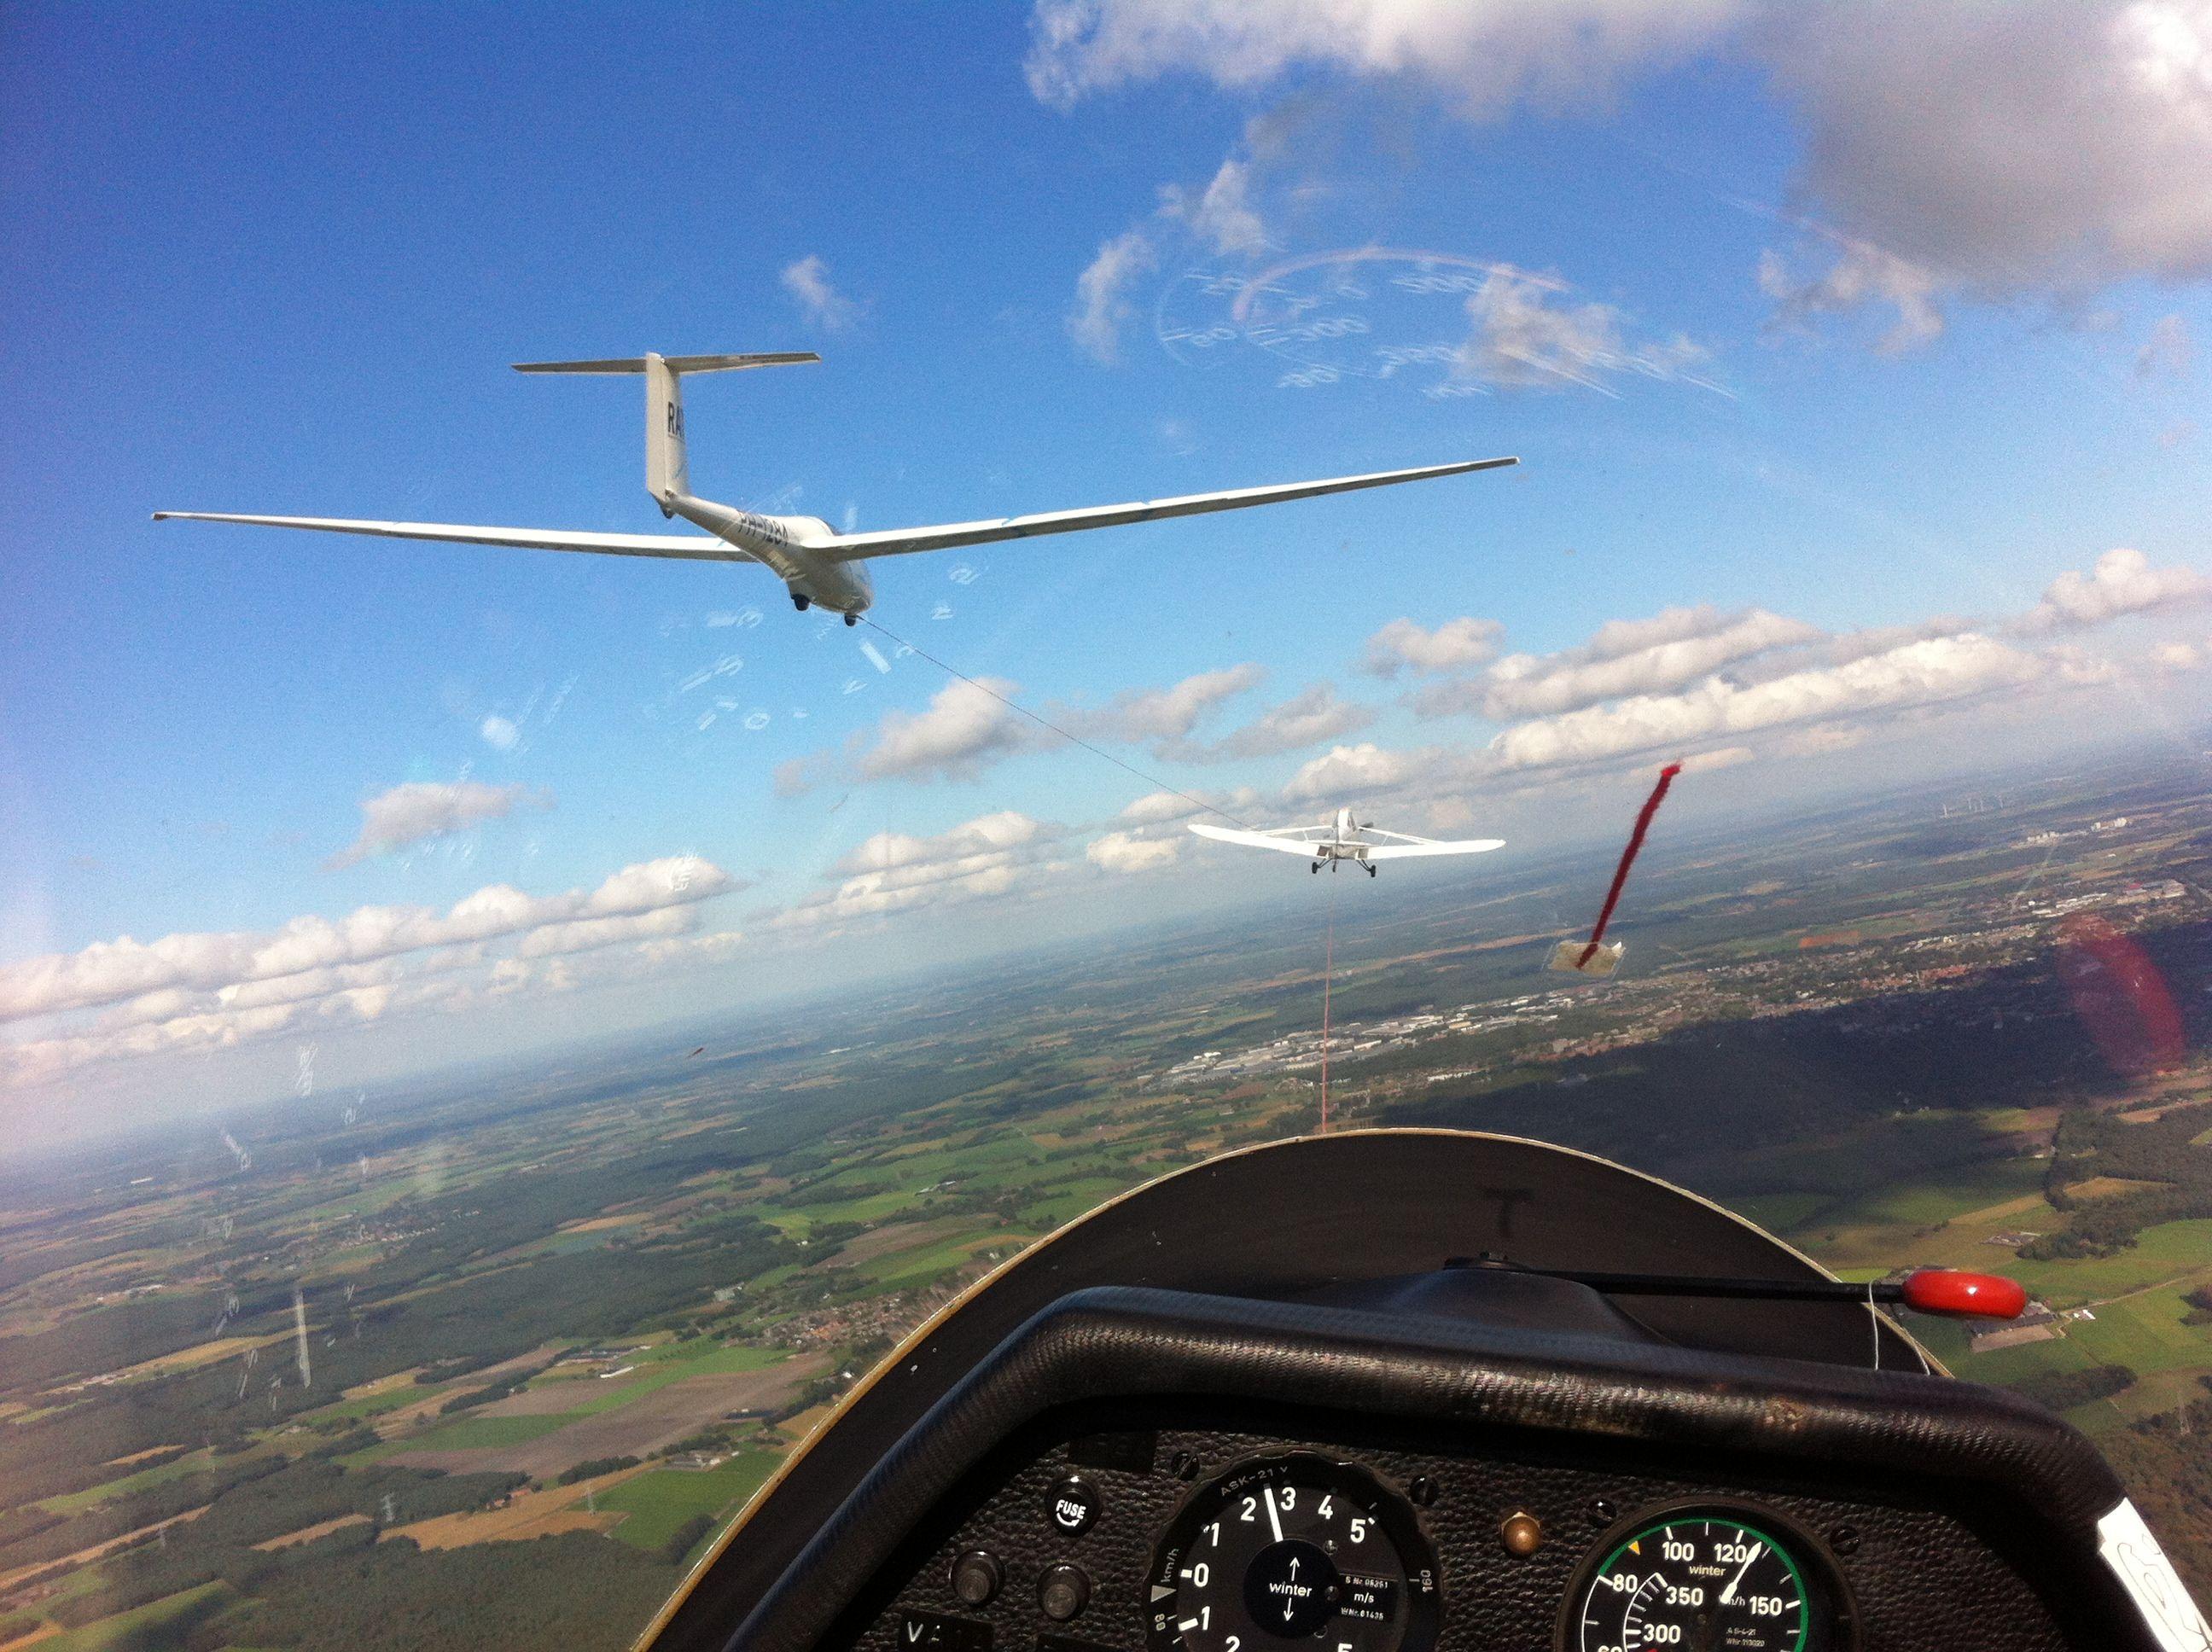 Zweefvliegen | Planeadores | Pinterest | Planeadores, Avión y Veleros